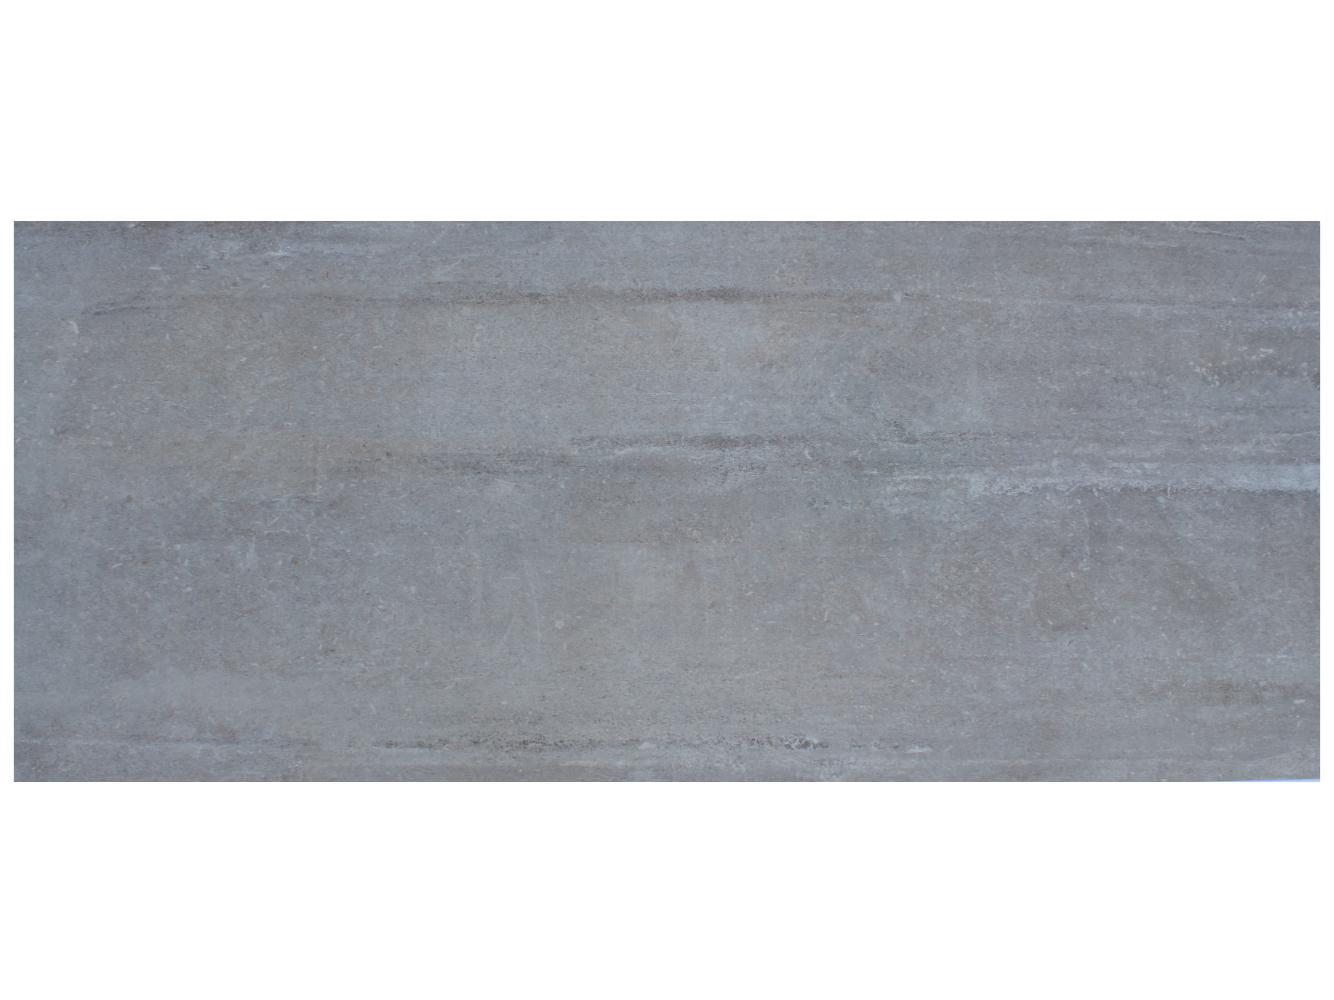 Bodenfliese Rockvill Taupe Feinsteinzeug, 60x120x1 cm